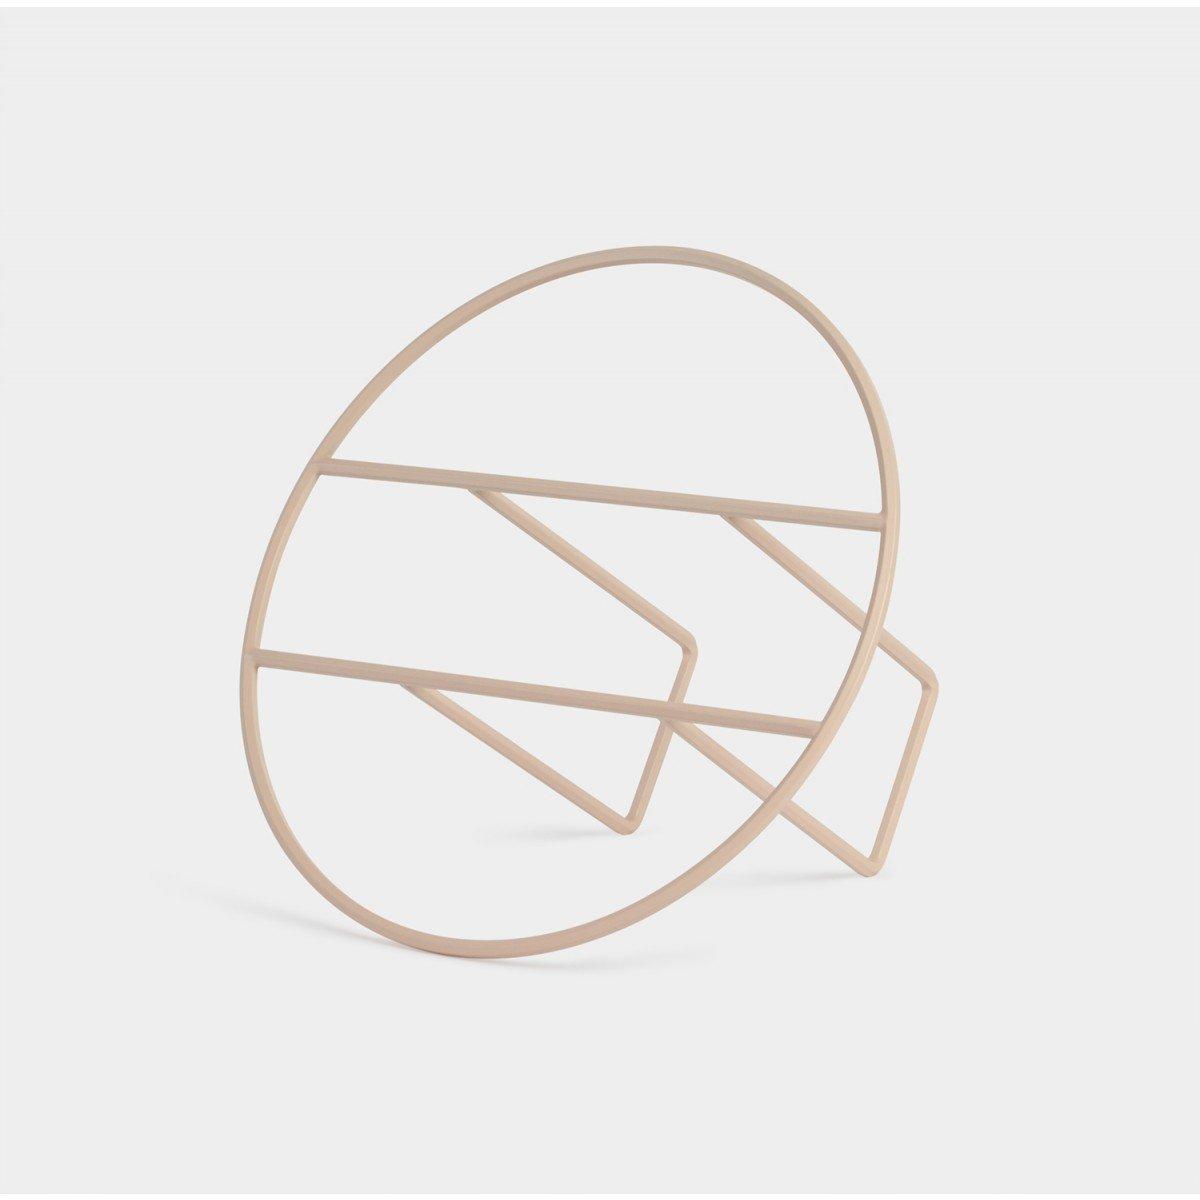 Design_HoopMagazineRack_UmbraShift_05